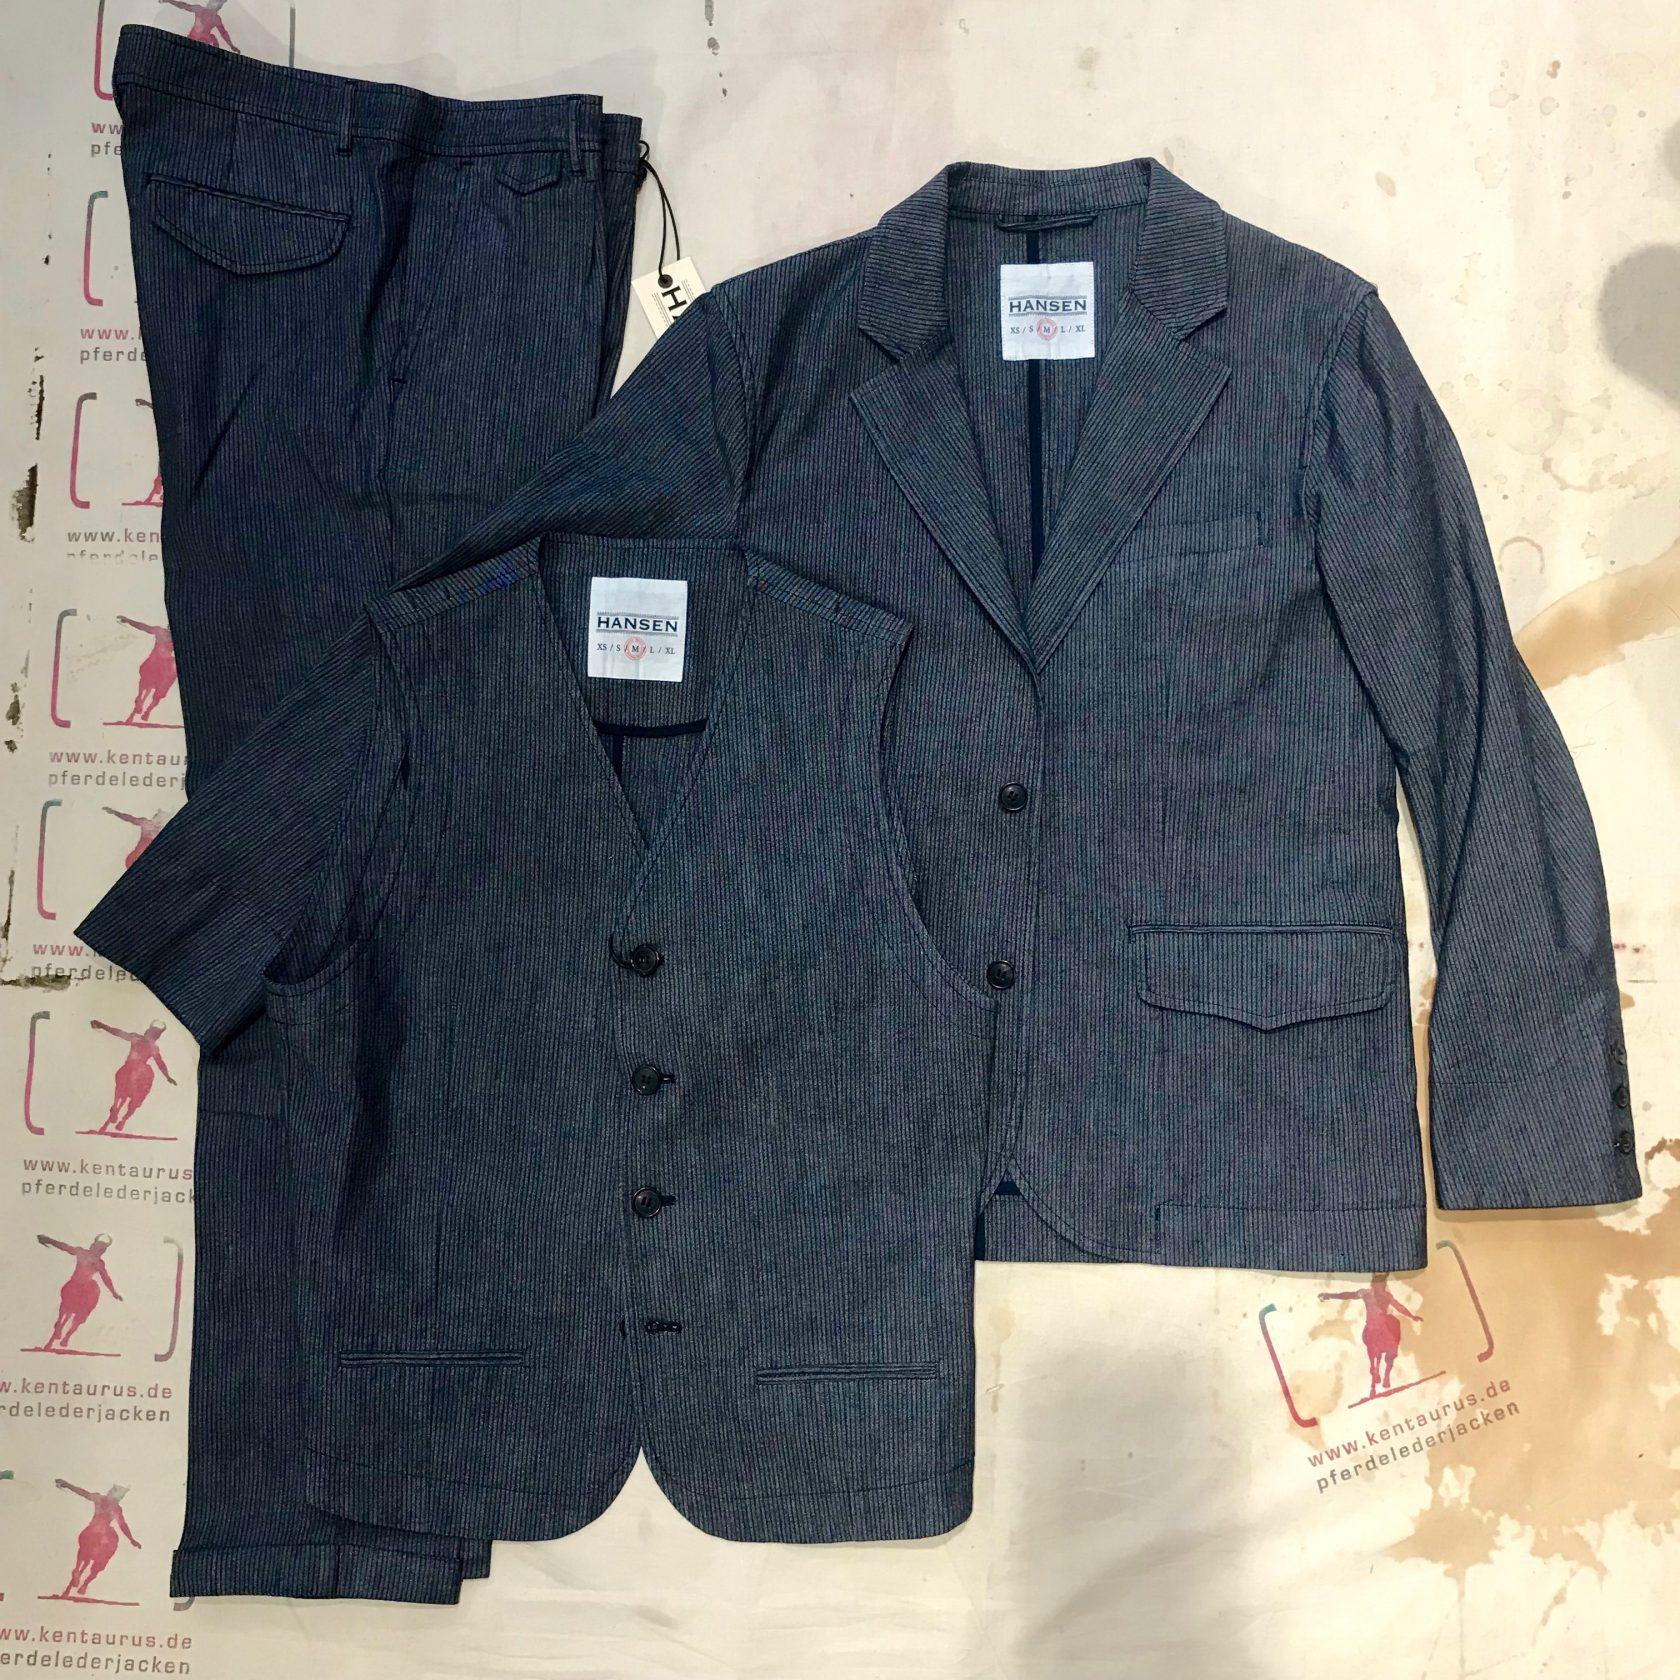 Hansen 3 piece suit indigo striped